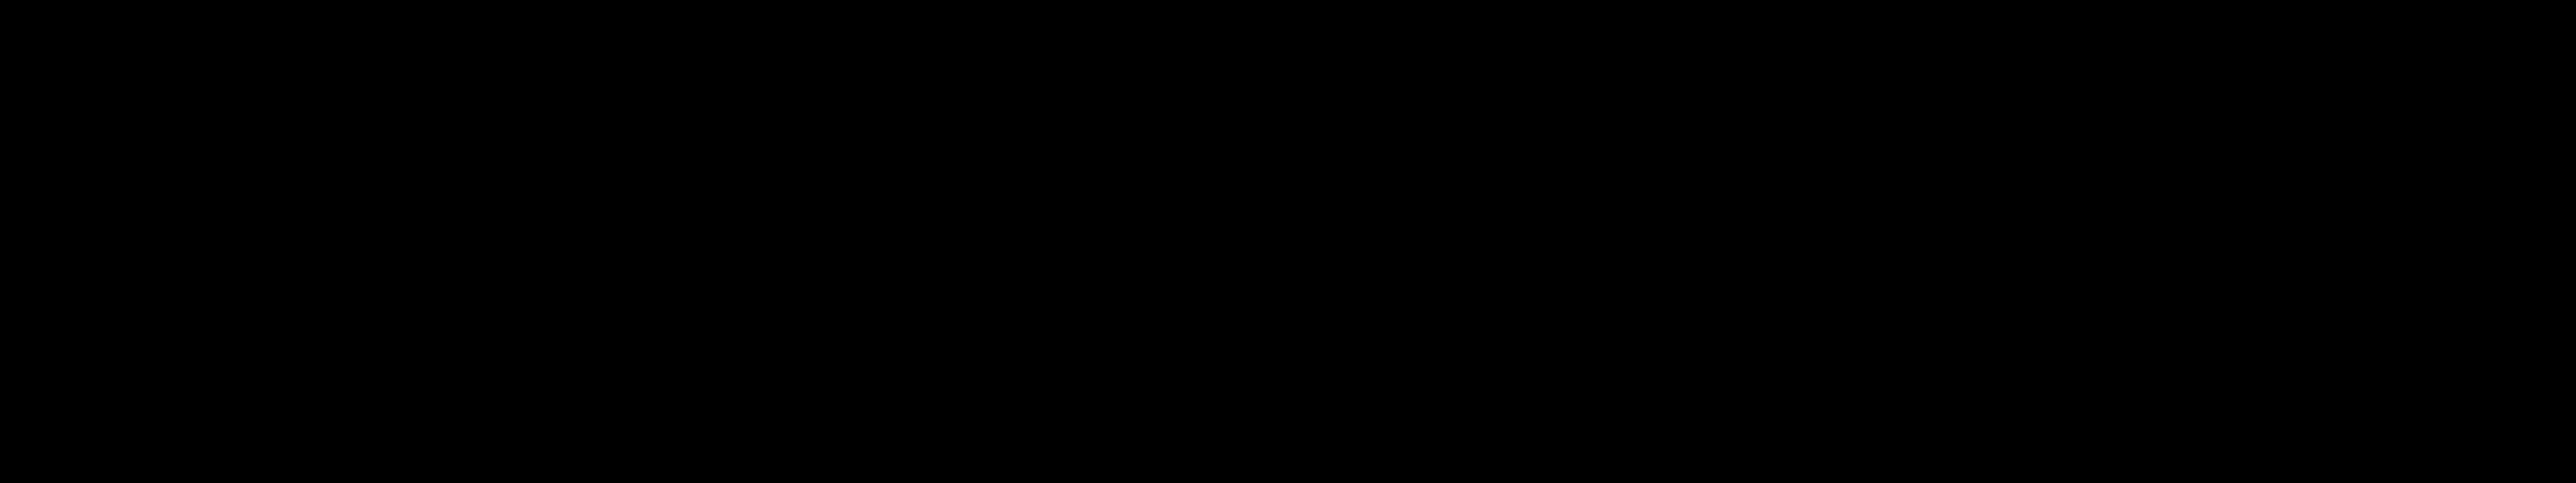 CrossCat